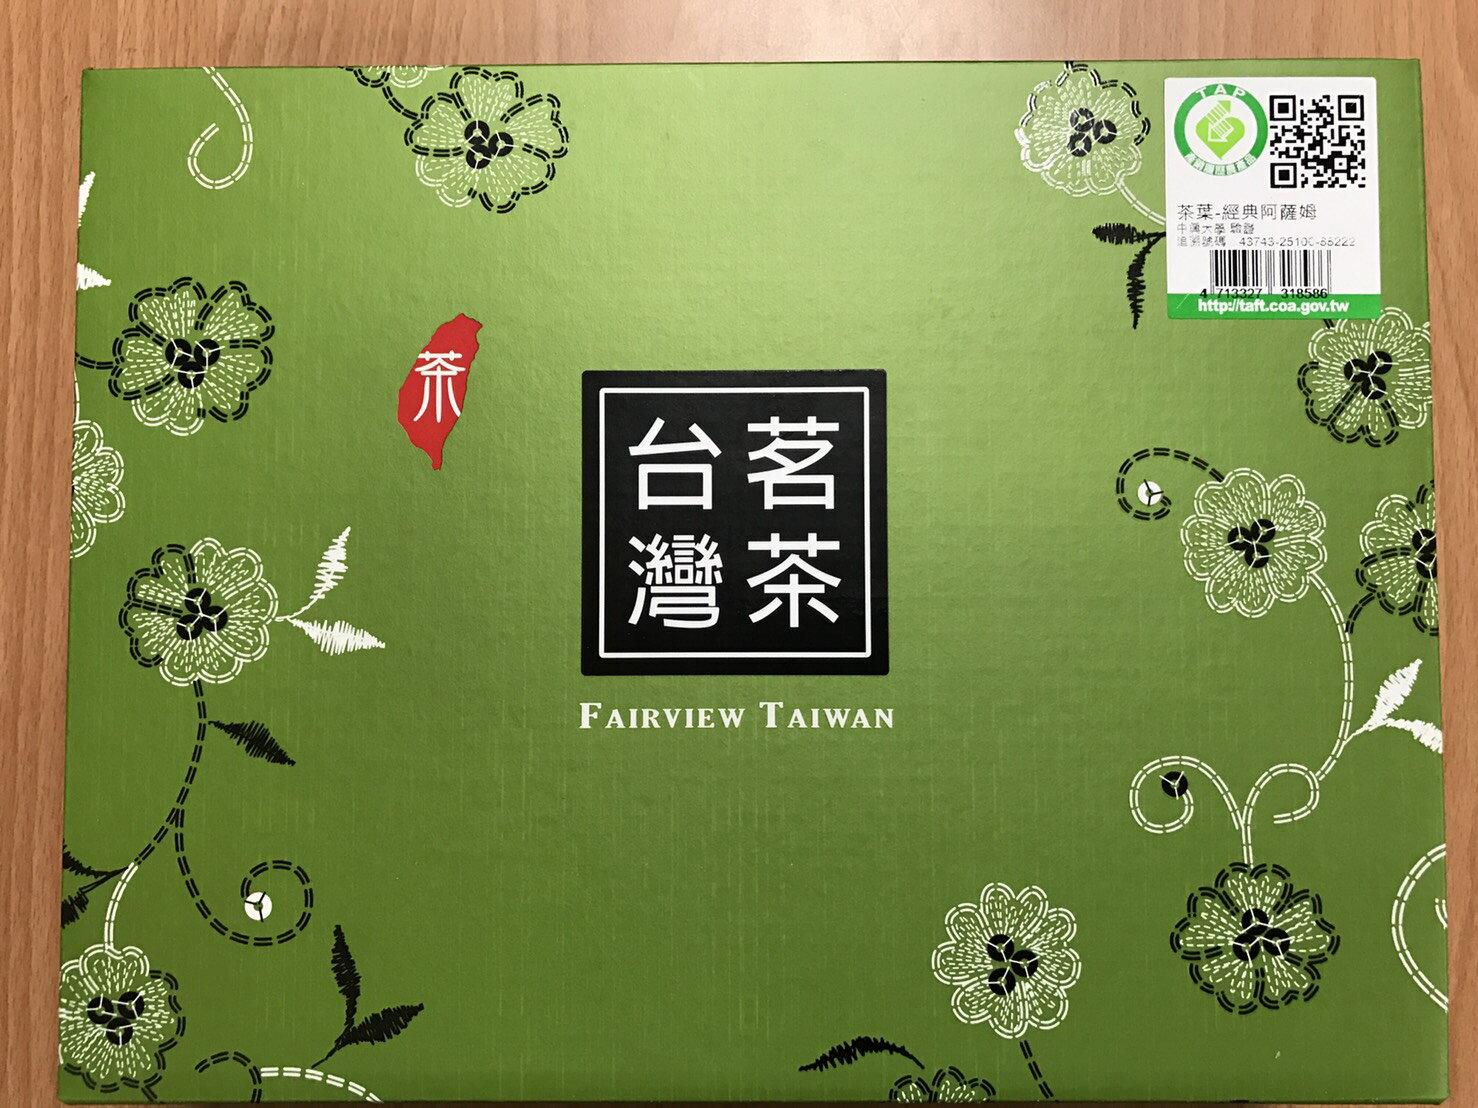 日月潭阿薩姆紅茶(台茶8號)禮盒,中興大學產銷履歷認證